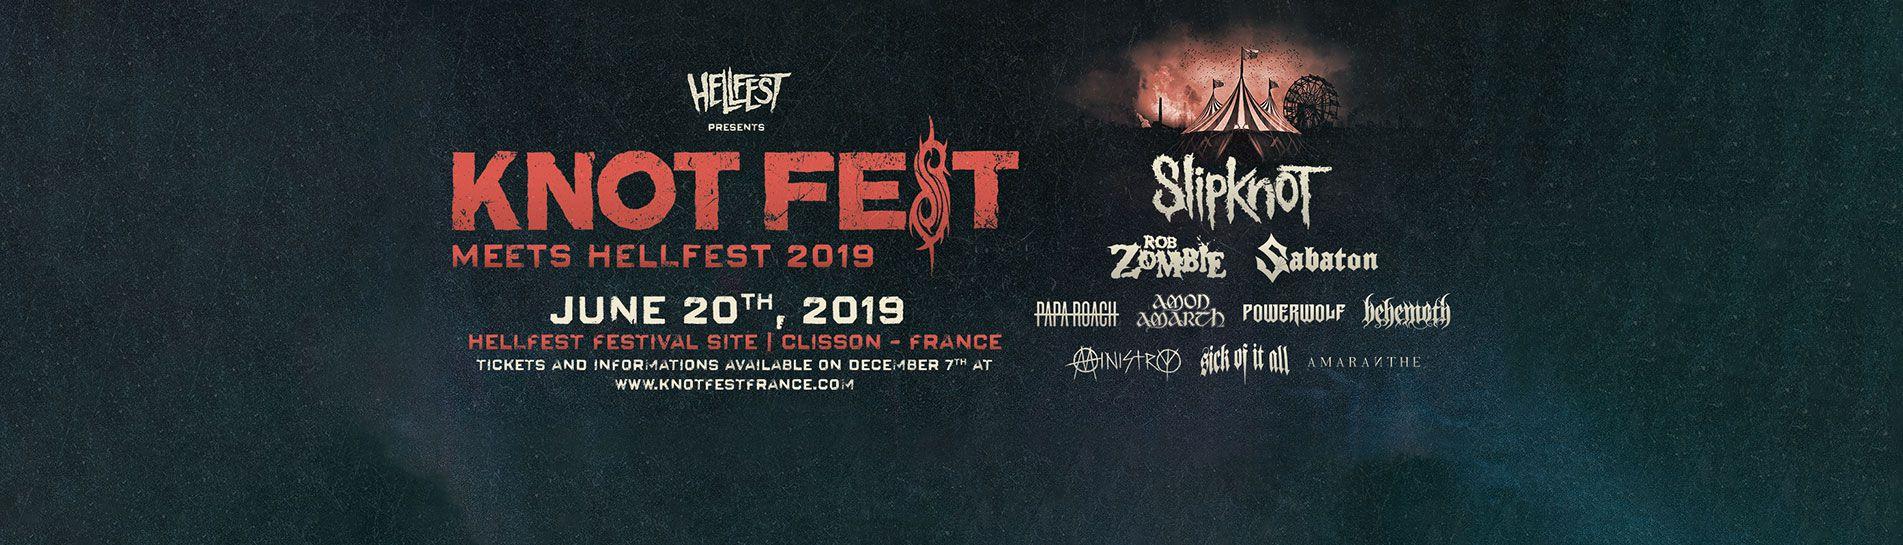 Knot Fest 2019